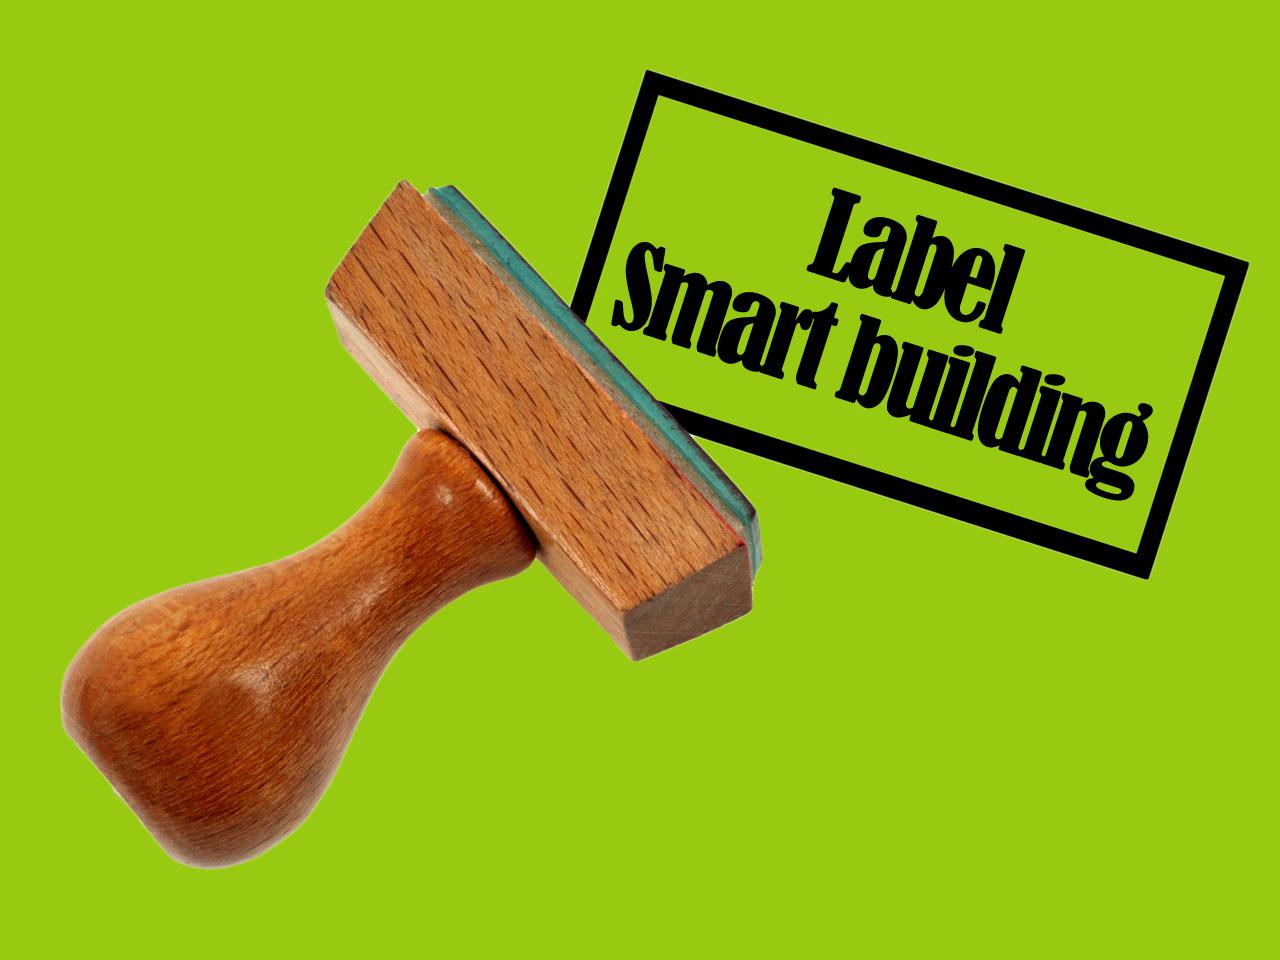 Vers un label pour les bâtiments intelligents